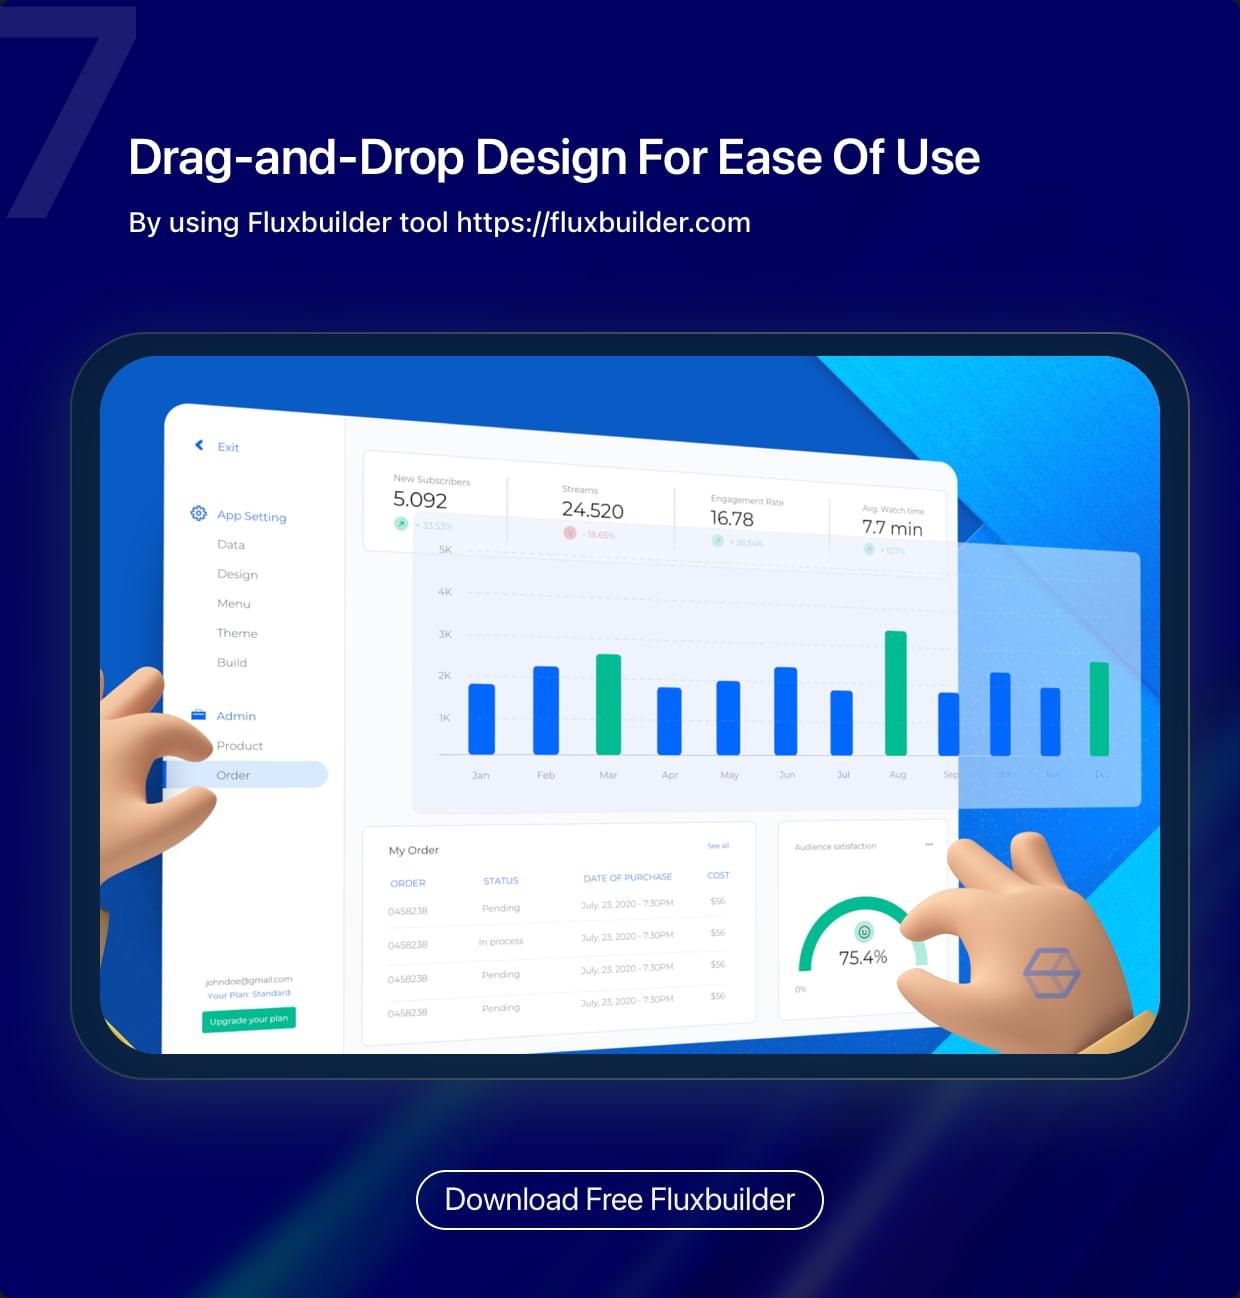 68747470733a2f2f7472656c6c6f2d6174746163686d656e74732e73332e616d617a6f6e6177732e636f6d2f3564323933323564323030306566326661643336333435662f3566643937656330616337313634343733353166303763652f63656565616462383336303764376462656465613064653939613035353038392f52372e6a7067 - دانلود سورس متن باز اپلیکیشن موبایل Fluxstore Multi Vendor